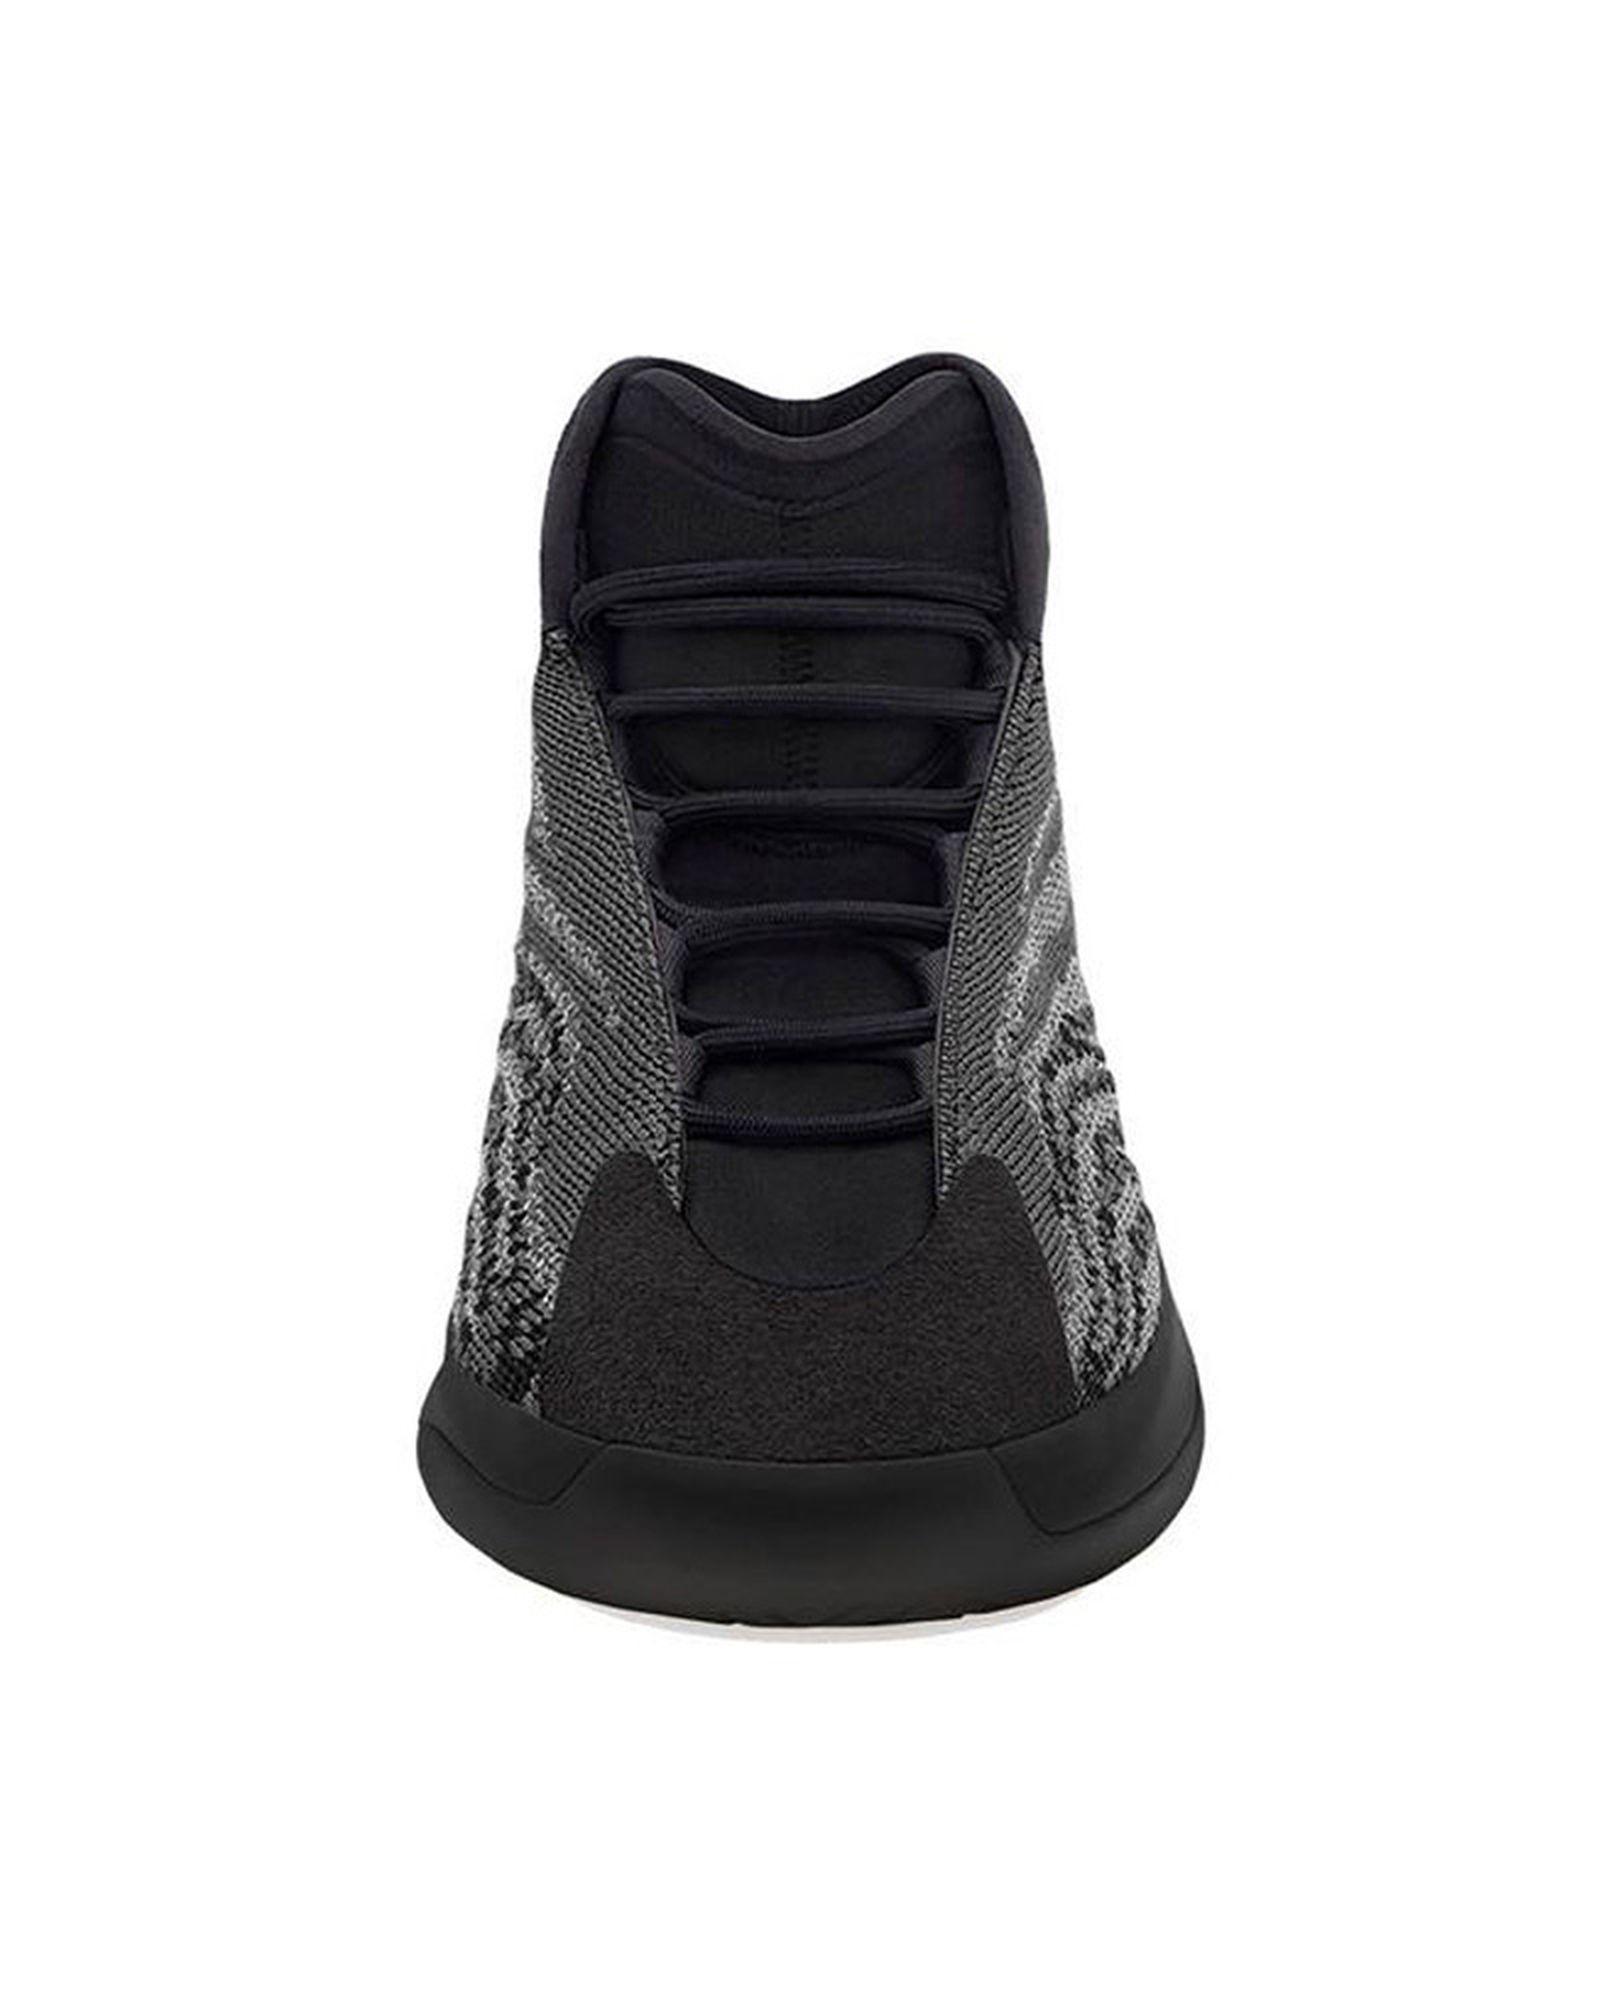 adidas-yeezy-quantum-onyx-release-date-price-03